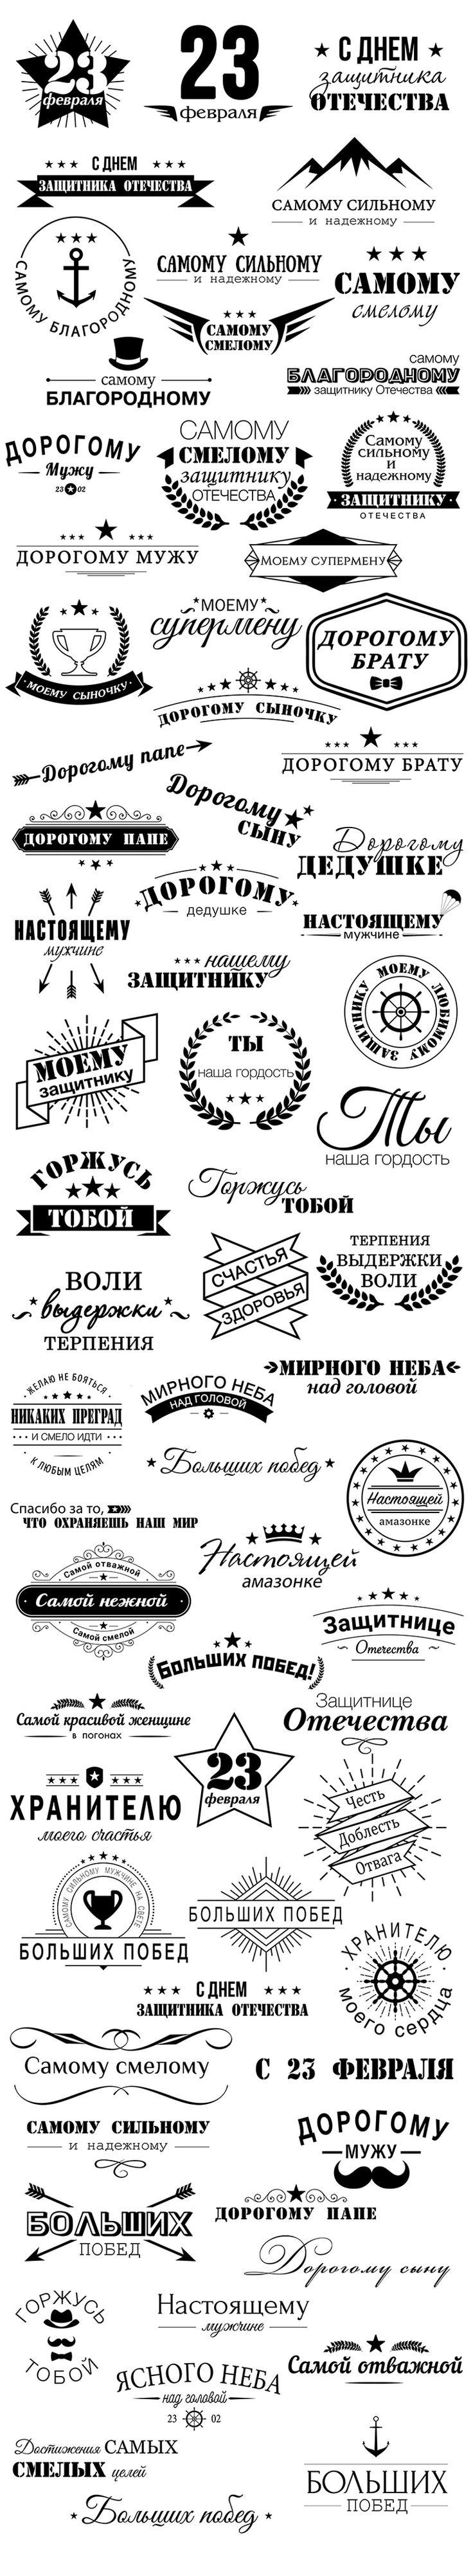 71 шаблон ко Дню защитника Отечества - Ярмарка Мастеров - ручная работа, handmade